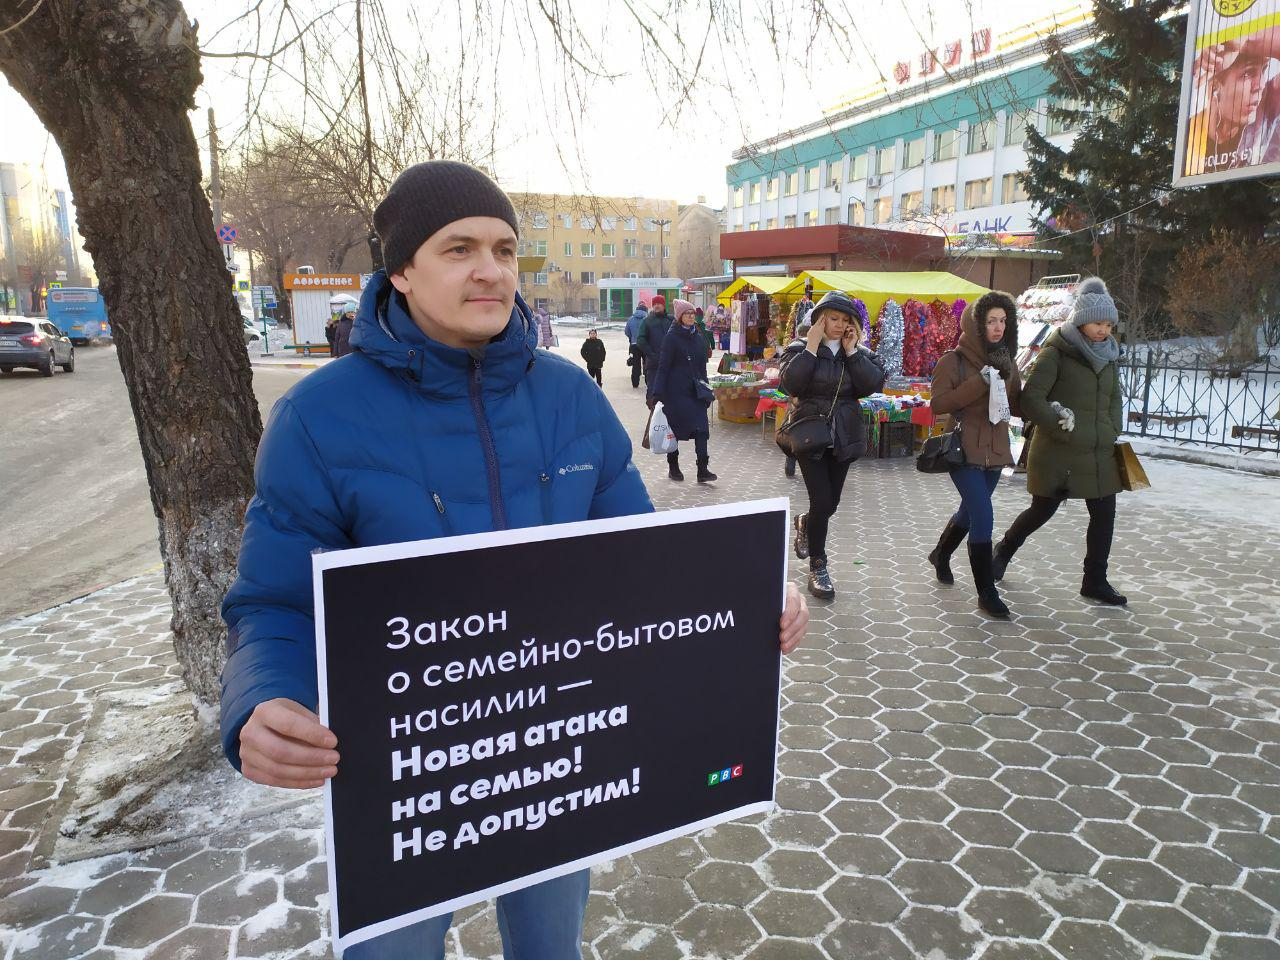 Пикет против закона о семейно-бытовом насилии в Благовещенске, 15.12.2019